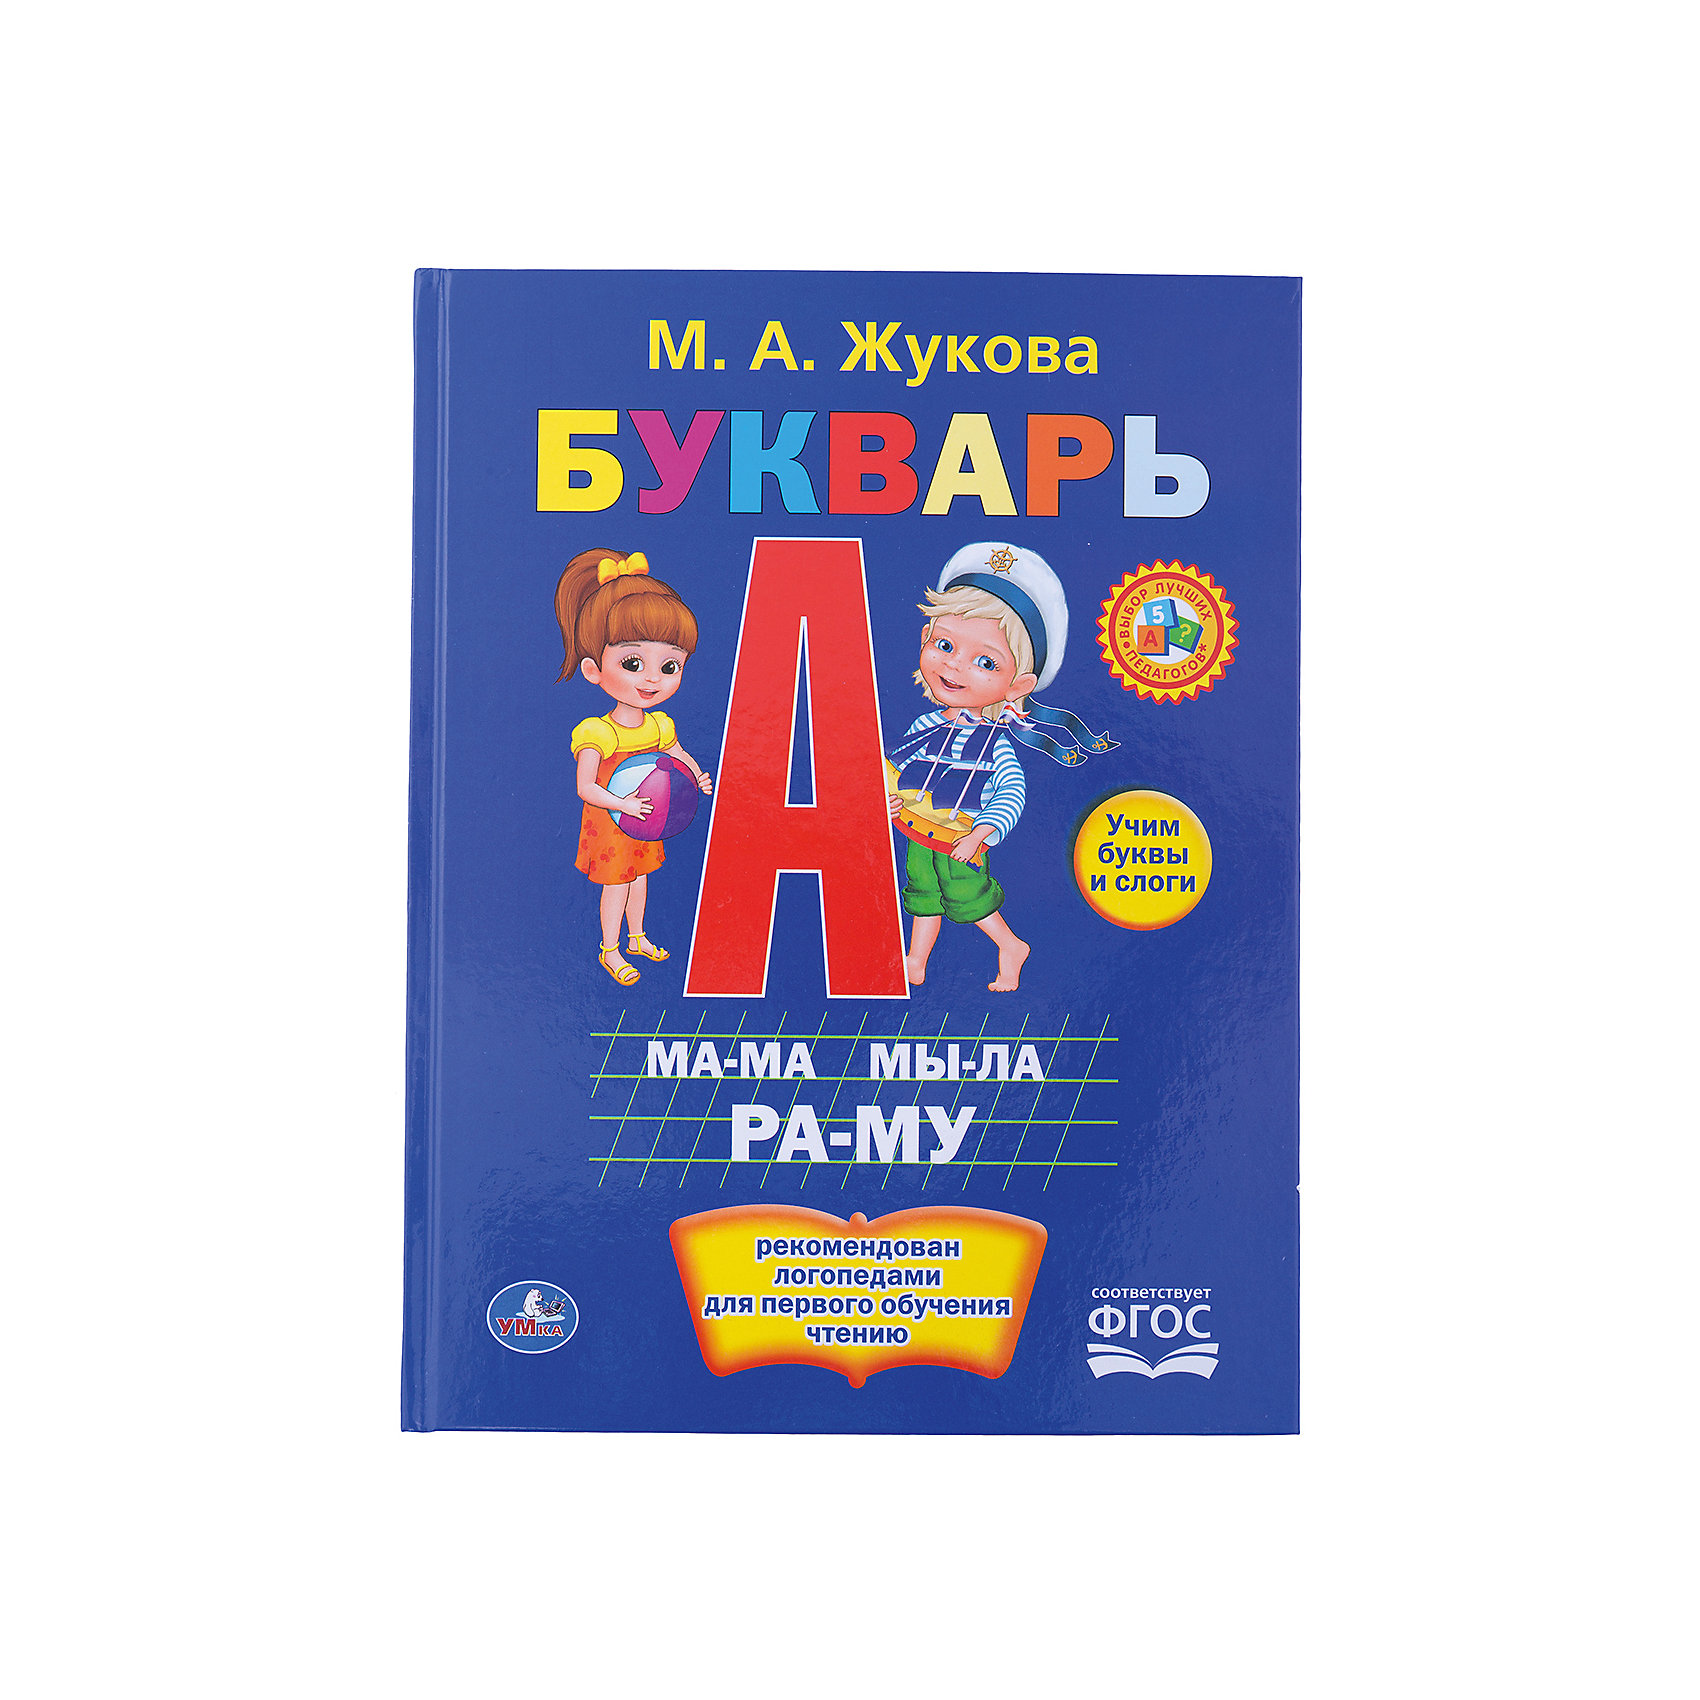 Букварь, М. А. ЖуковаАзбуки<br>Яркий, познавательный букварь для самых маленьких! <br><br>Дополнительная информация:<br><br>- Автор: М.А.Жукова.<br>- Возраст: от 12 месяцев.<br>- Материал: картон.<br>- Тип обложки: твердый.<br>- Иллюстрации: цветные.<br>- 144 страницы.<br>- ISBN: 9785506009900<br>- Размер упаковки: 20х27х1 см.<br>- Вес в упаковке: 340 г.<br><br>Купить букварь М.А Жукова, можно в нашем магазине.<br><br>Ширина мм: 20<br>Глубина мм: 27<br>Высота мм: 1<br>Вес г: 340<br>Возраст от месяцев: -2147483648<br>Возраст до месяцев: 2147483647<br>Пол: Унисекс<br>Возраст: Детский<br>SKU: 4797464